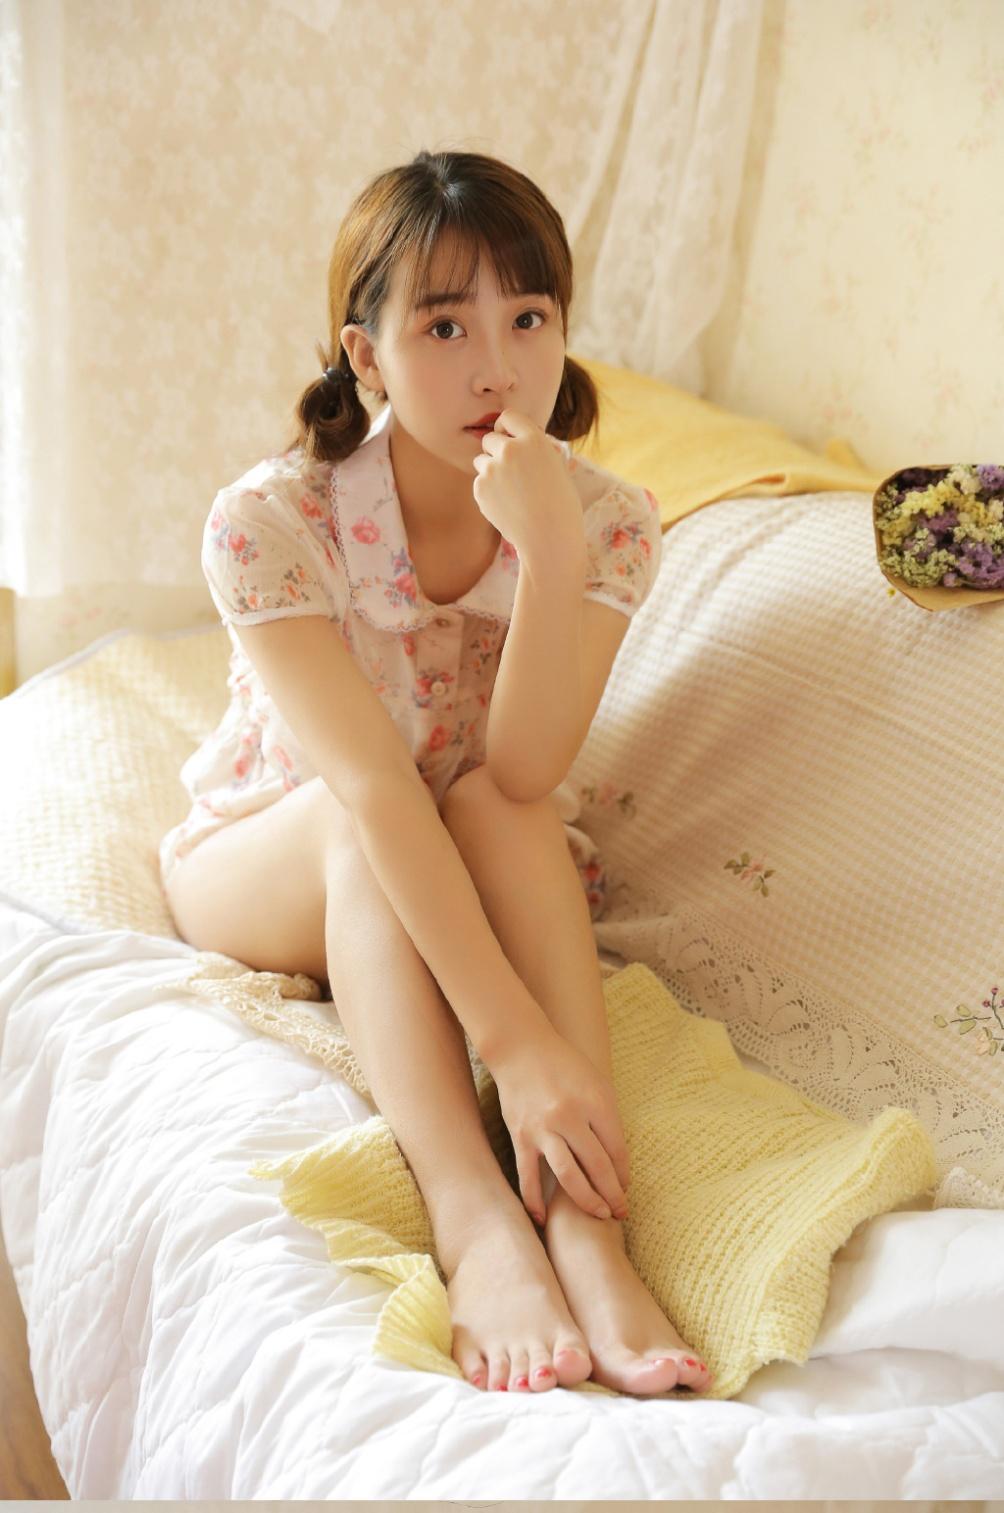 学生妹床上粉嫩美腿诱惑私拍照片